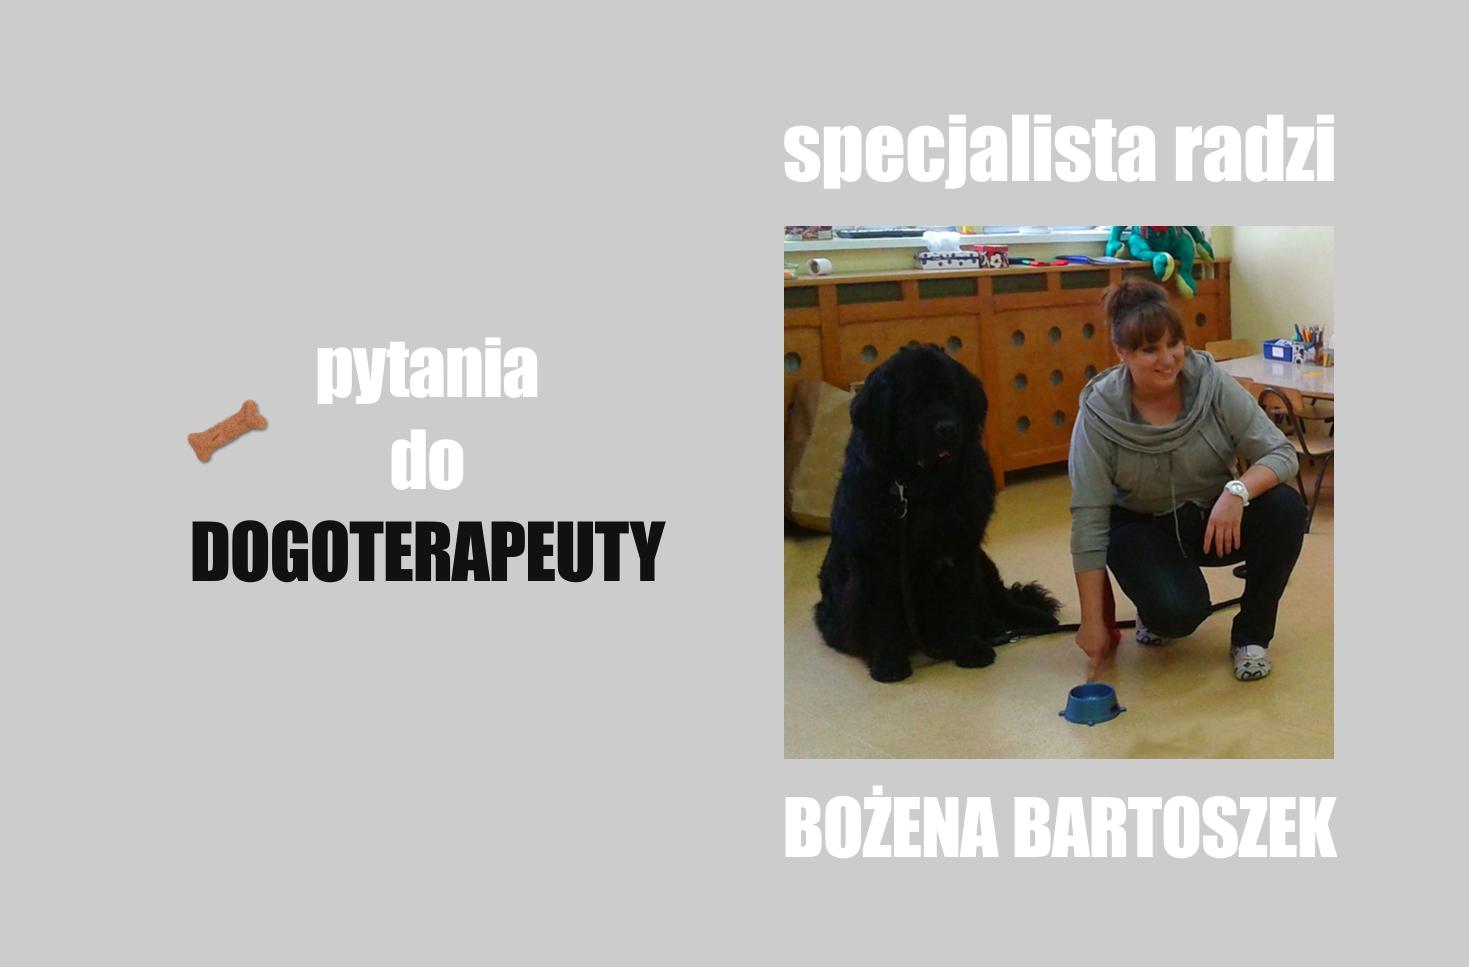 pytania-do-dogoterapeuty-bozena-bartoszek